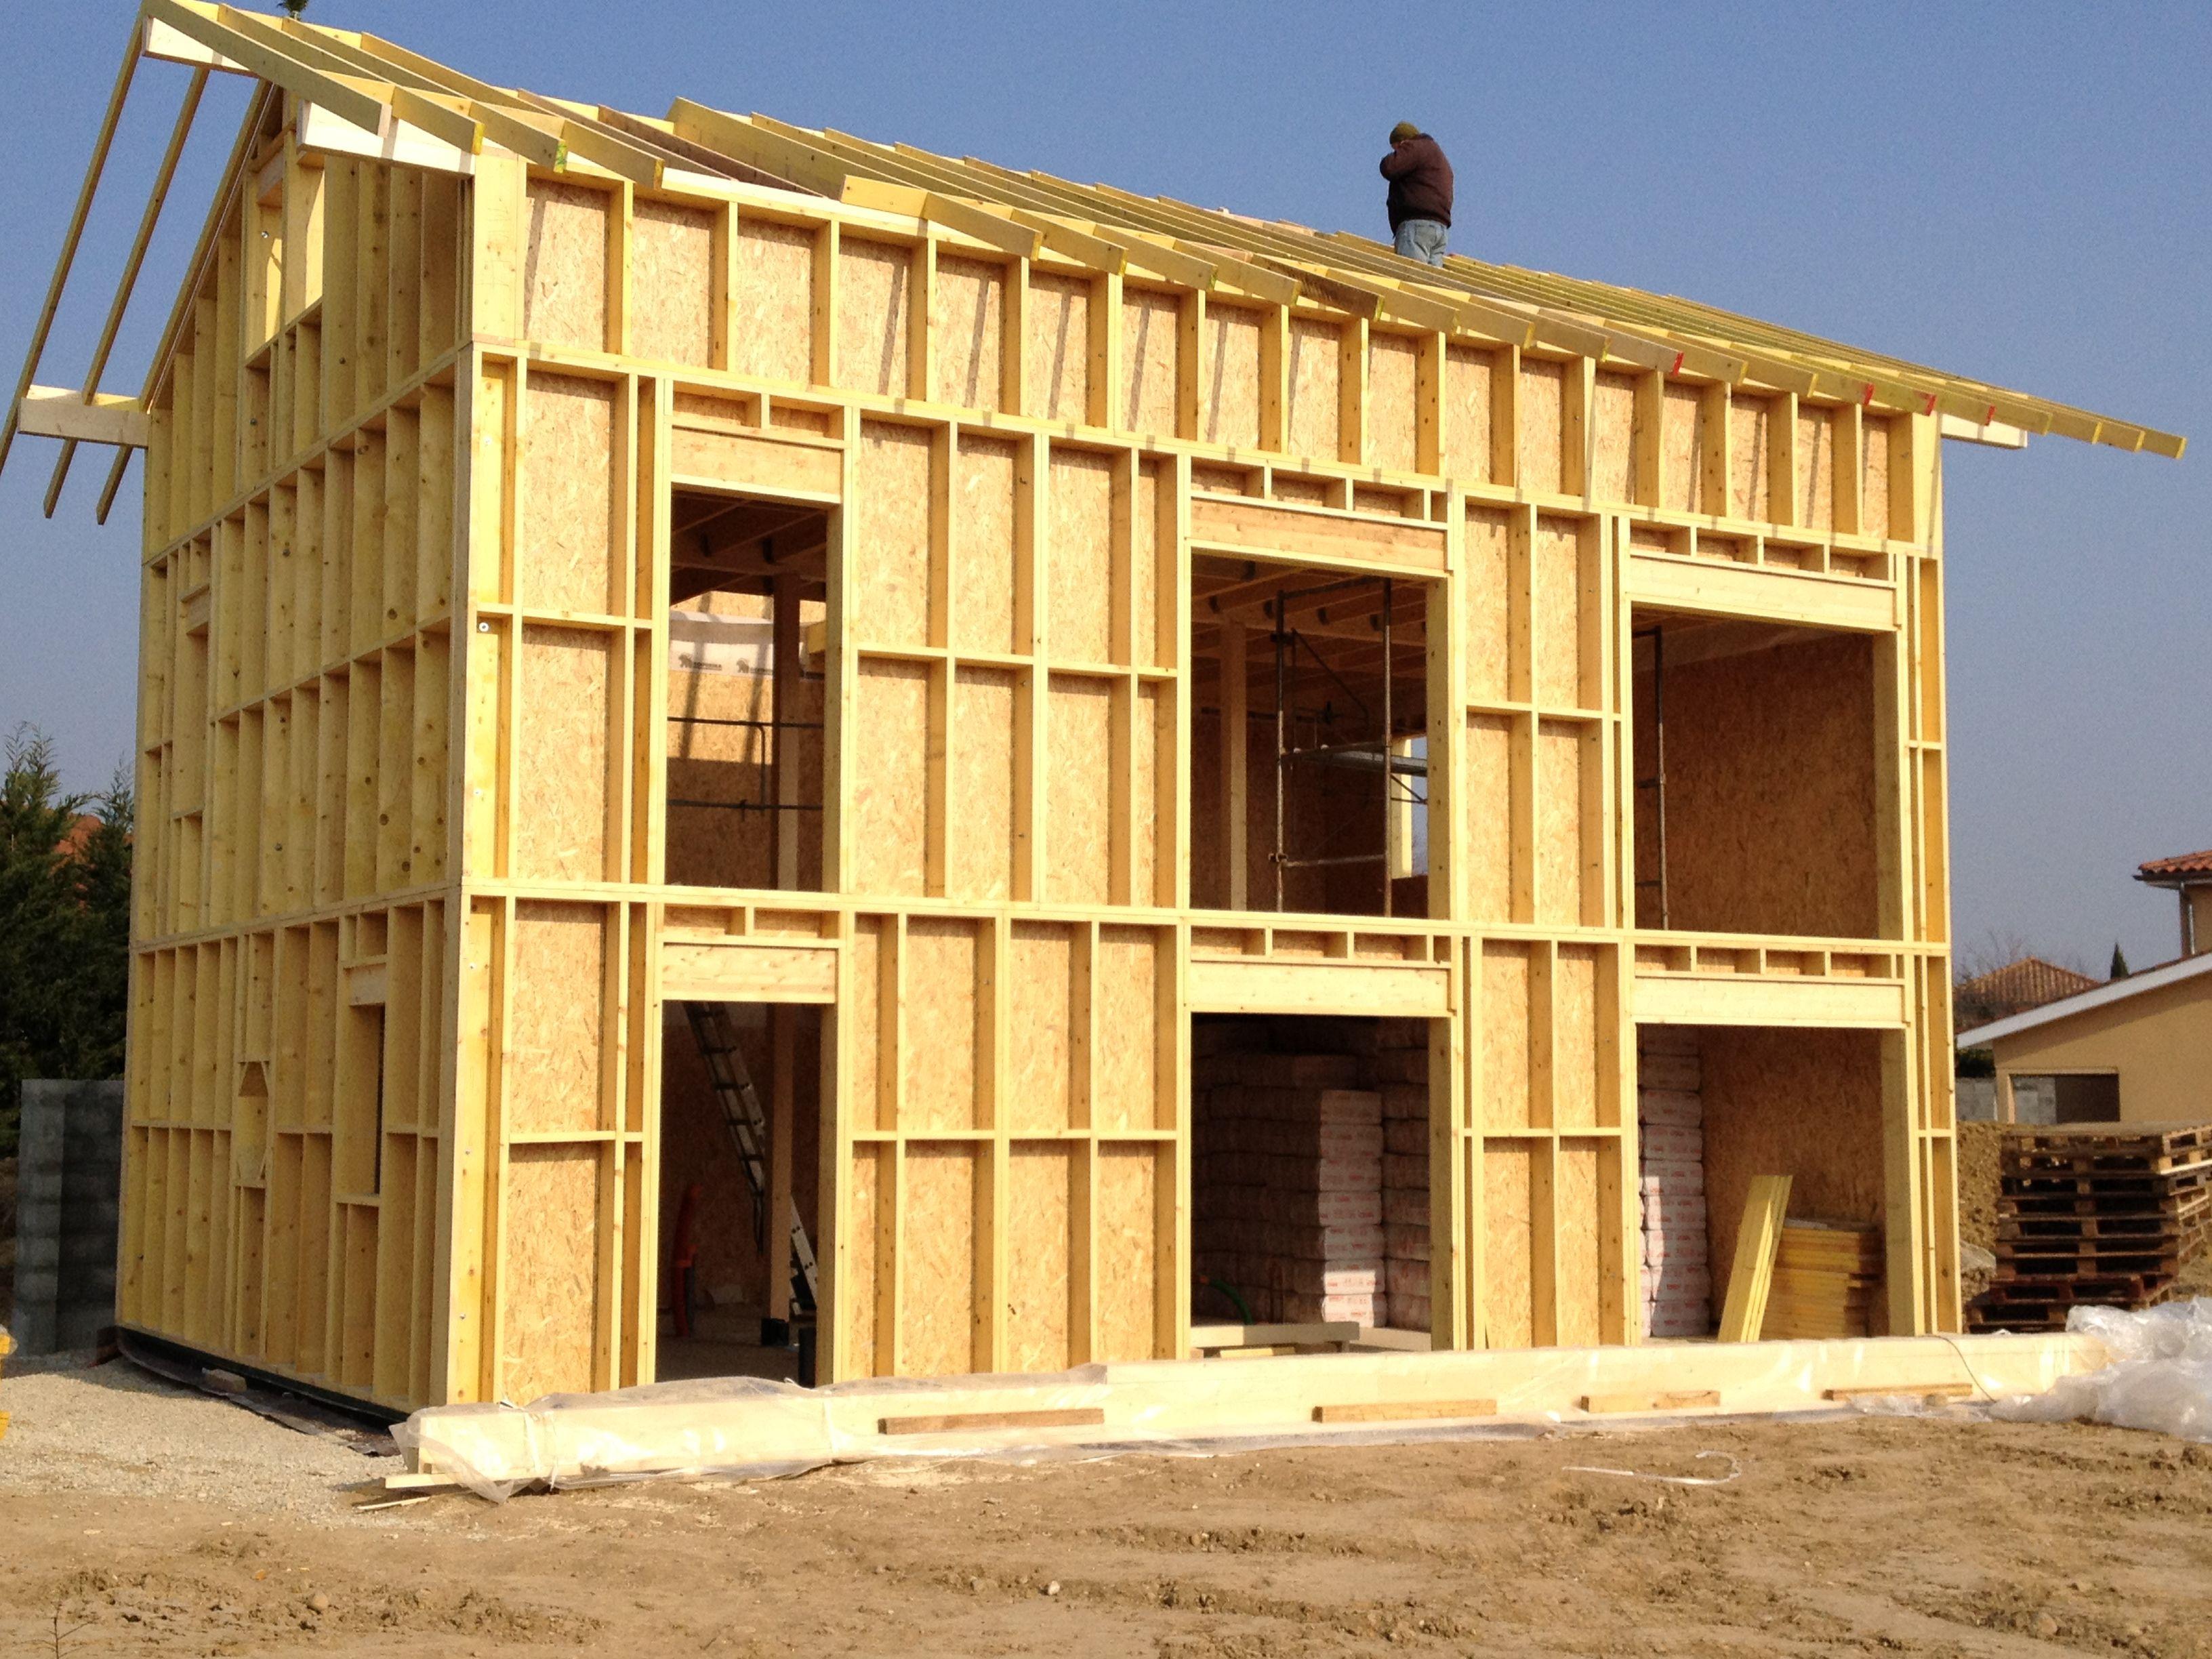 Maison En Bois Annecy maison bois ossature bois | maison ossature bois, maison